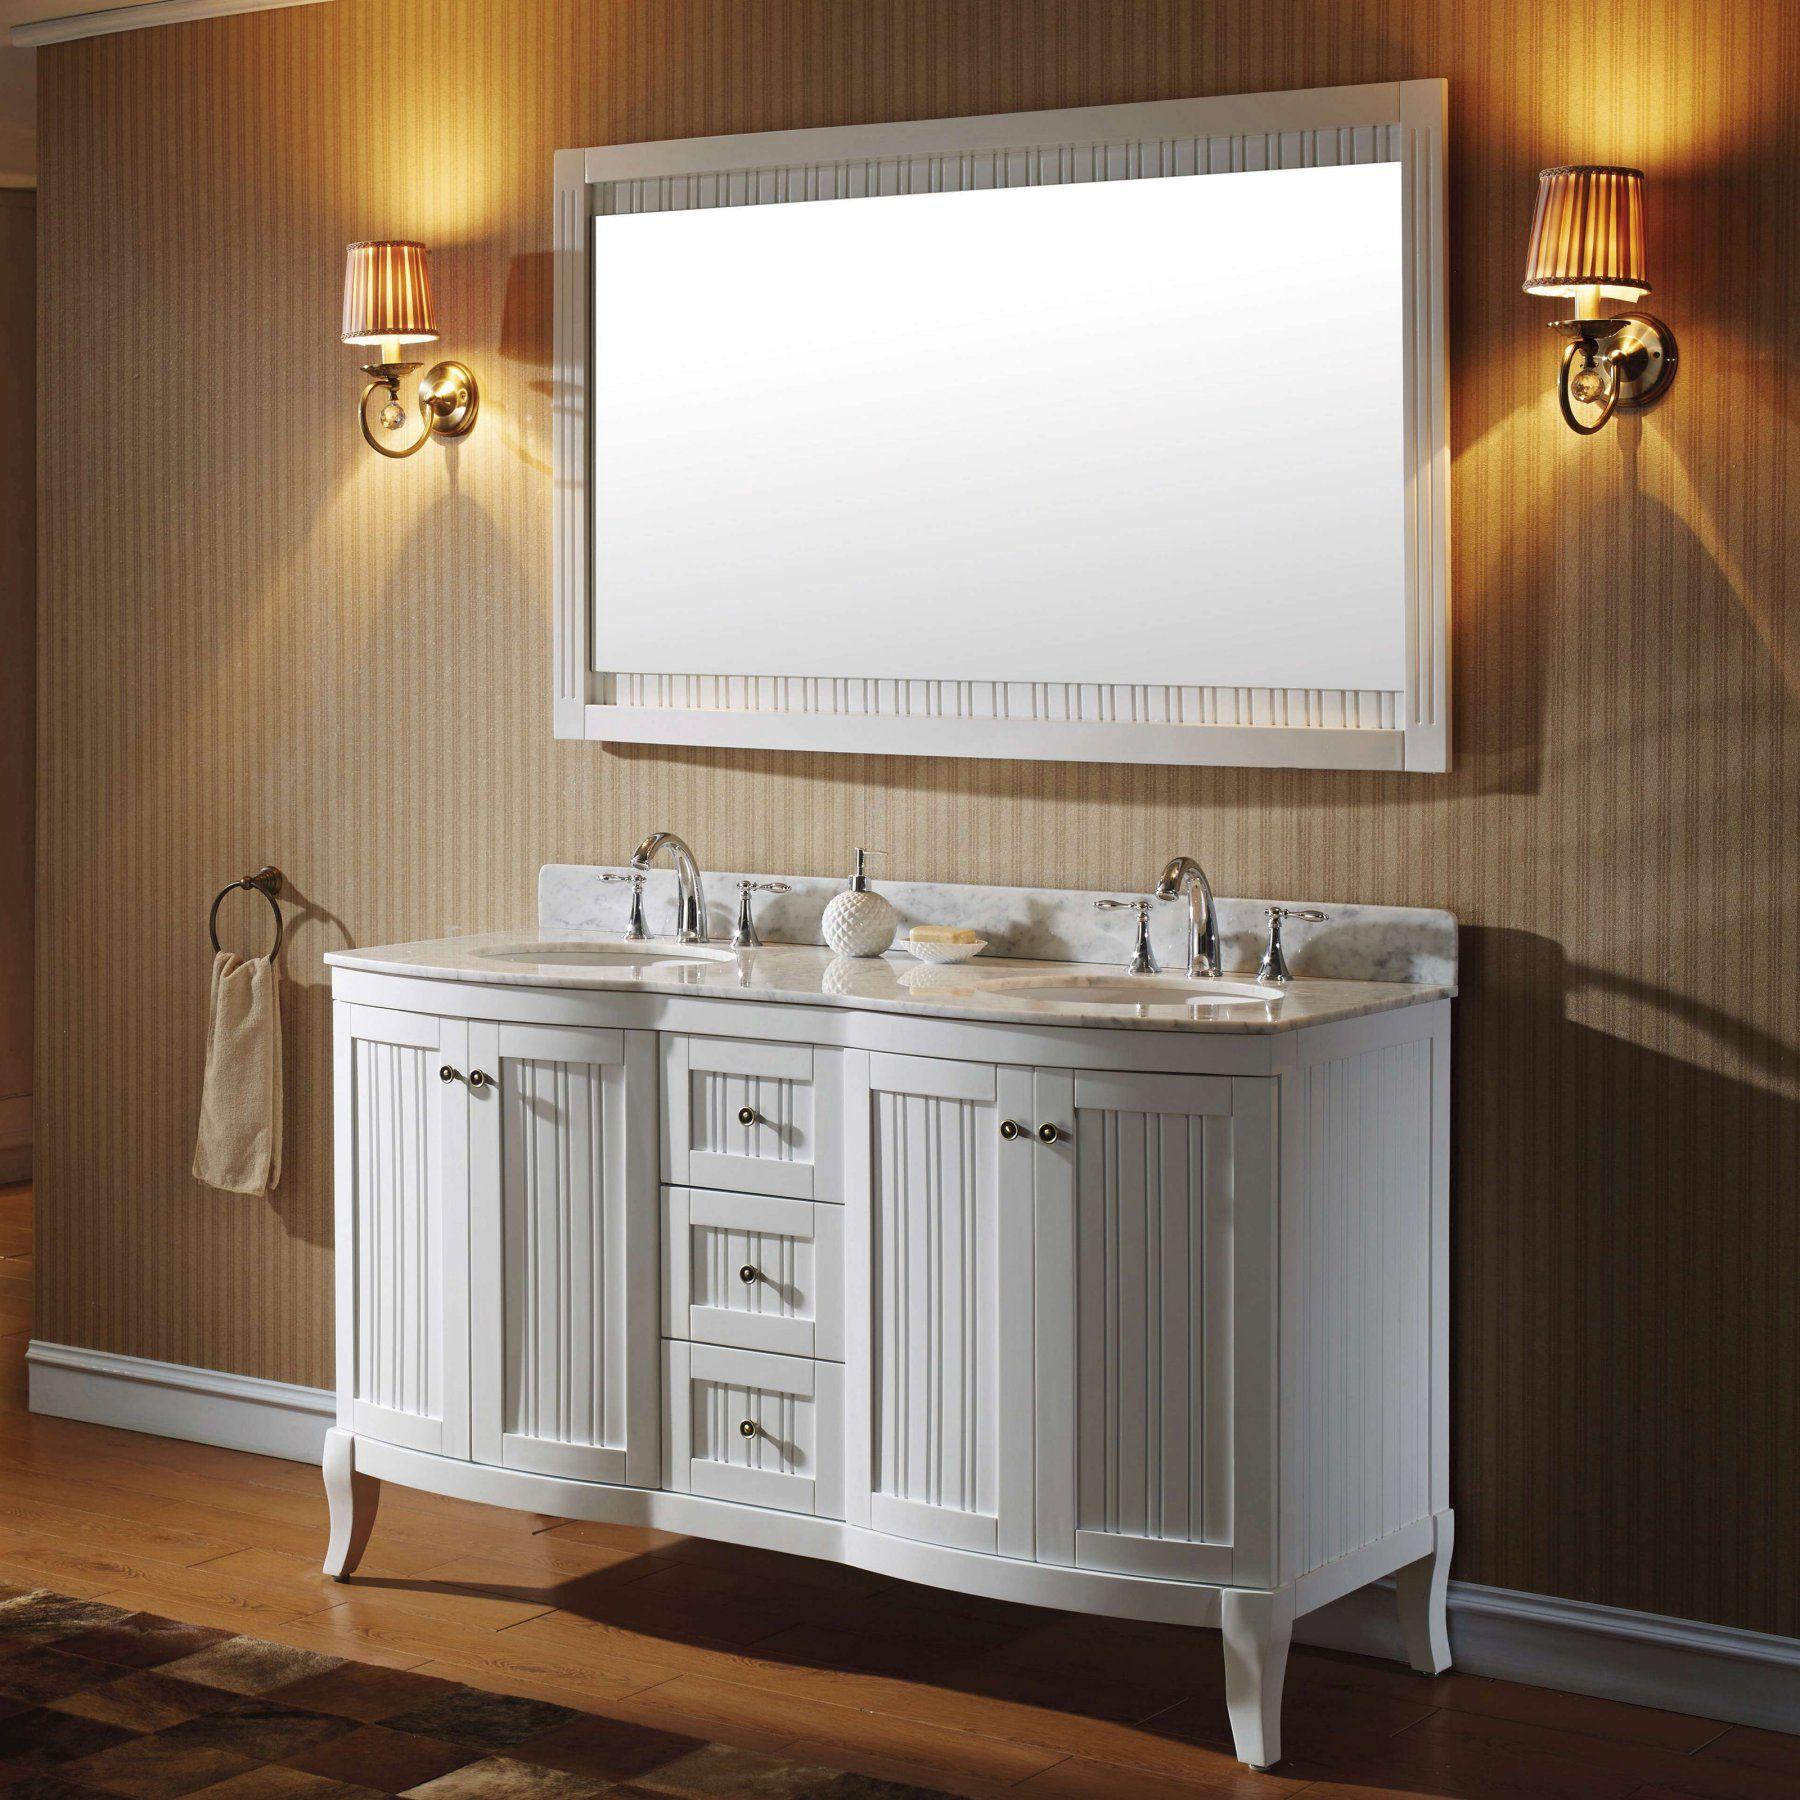 Virtu Khaleesi Ed 52060 Wmro 60 In Double Bathroom Vanity Cab Es